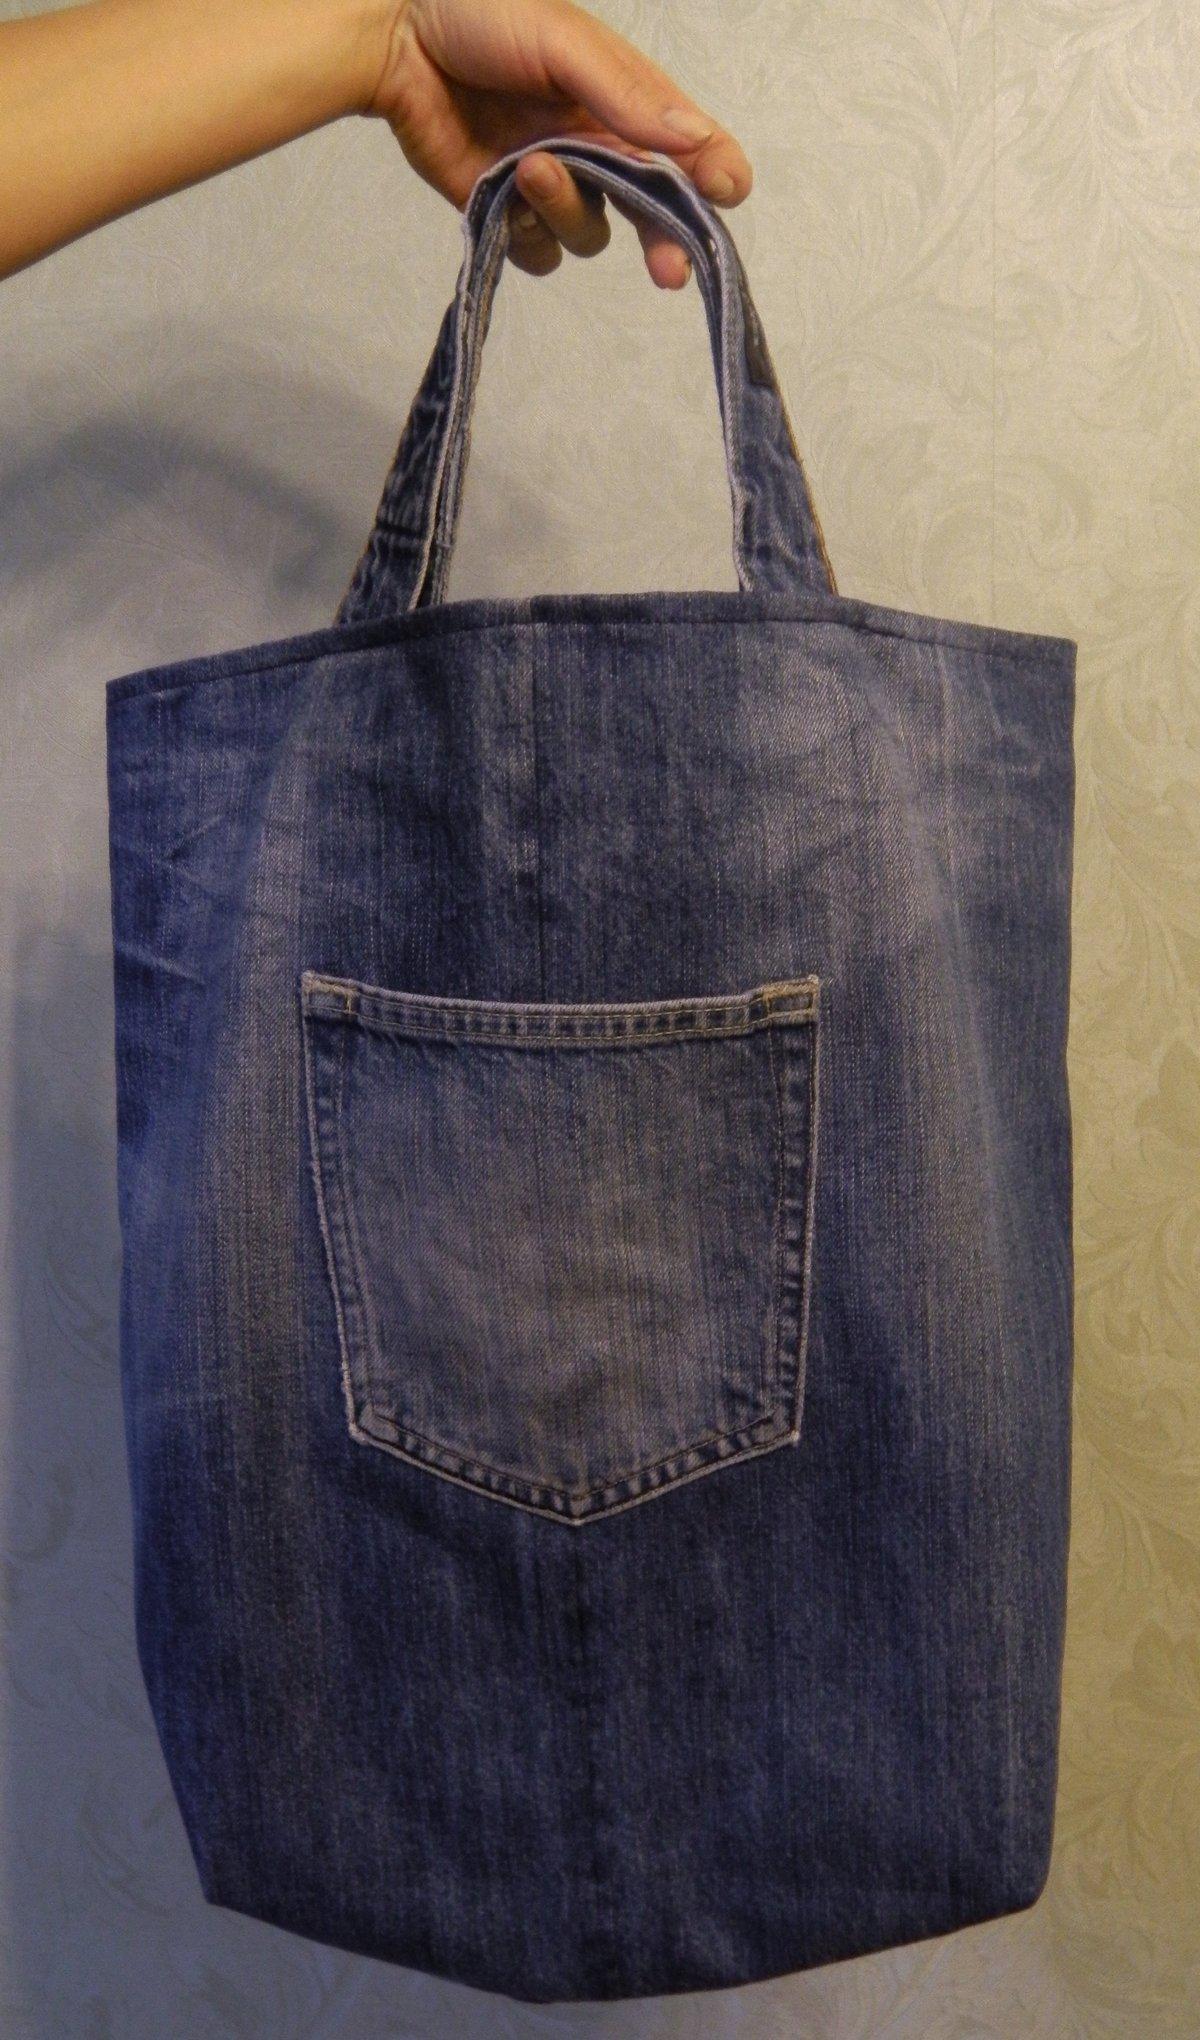 Хоз сумка из джинсов своими руками